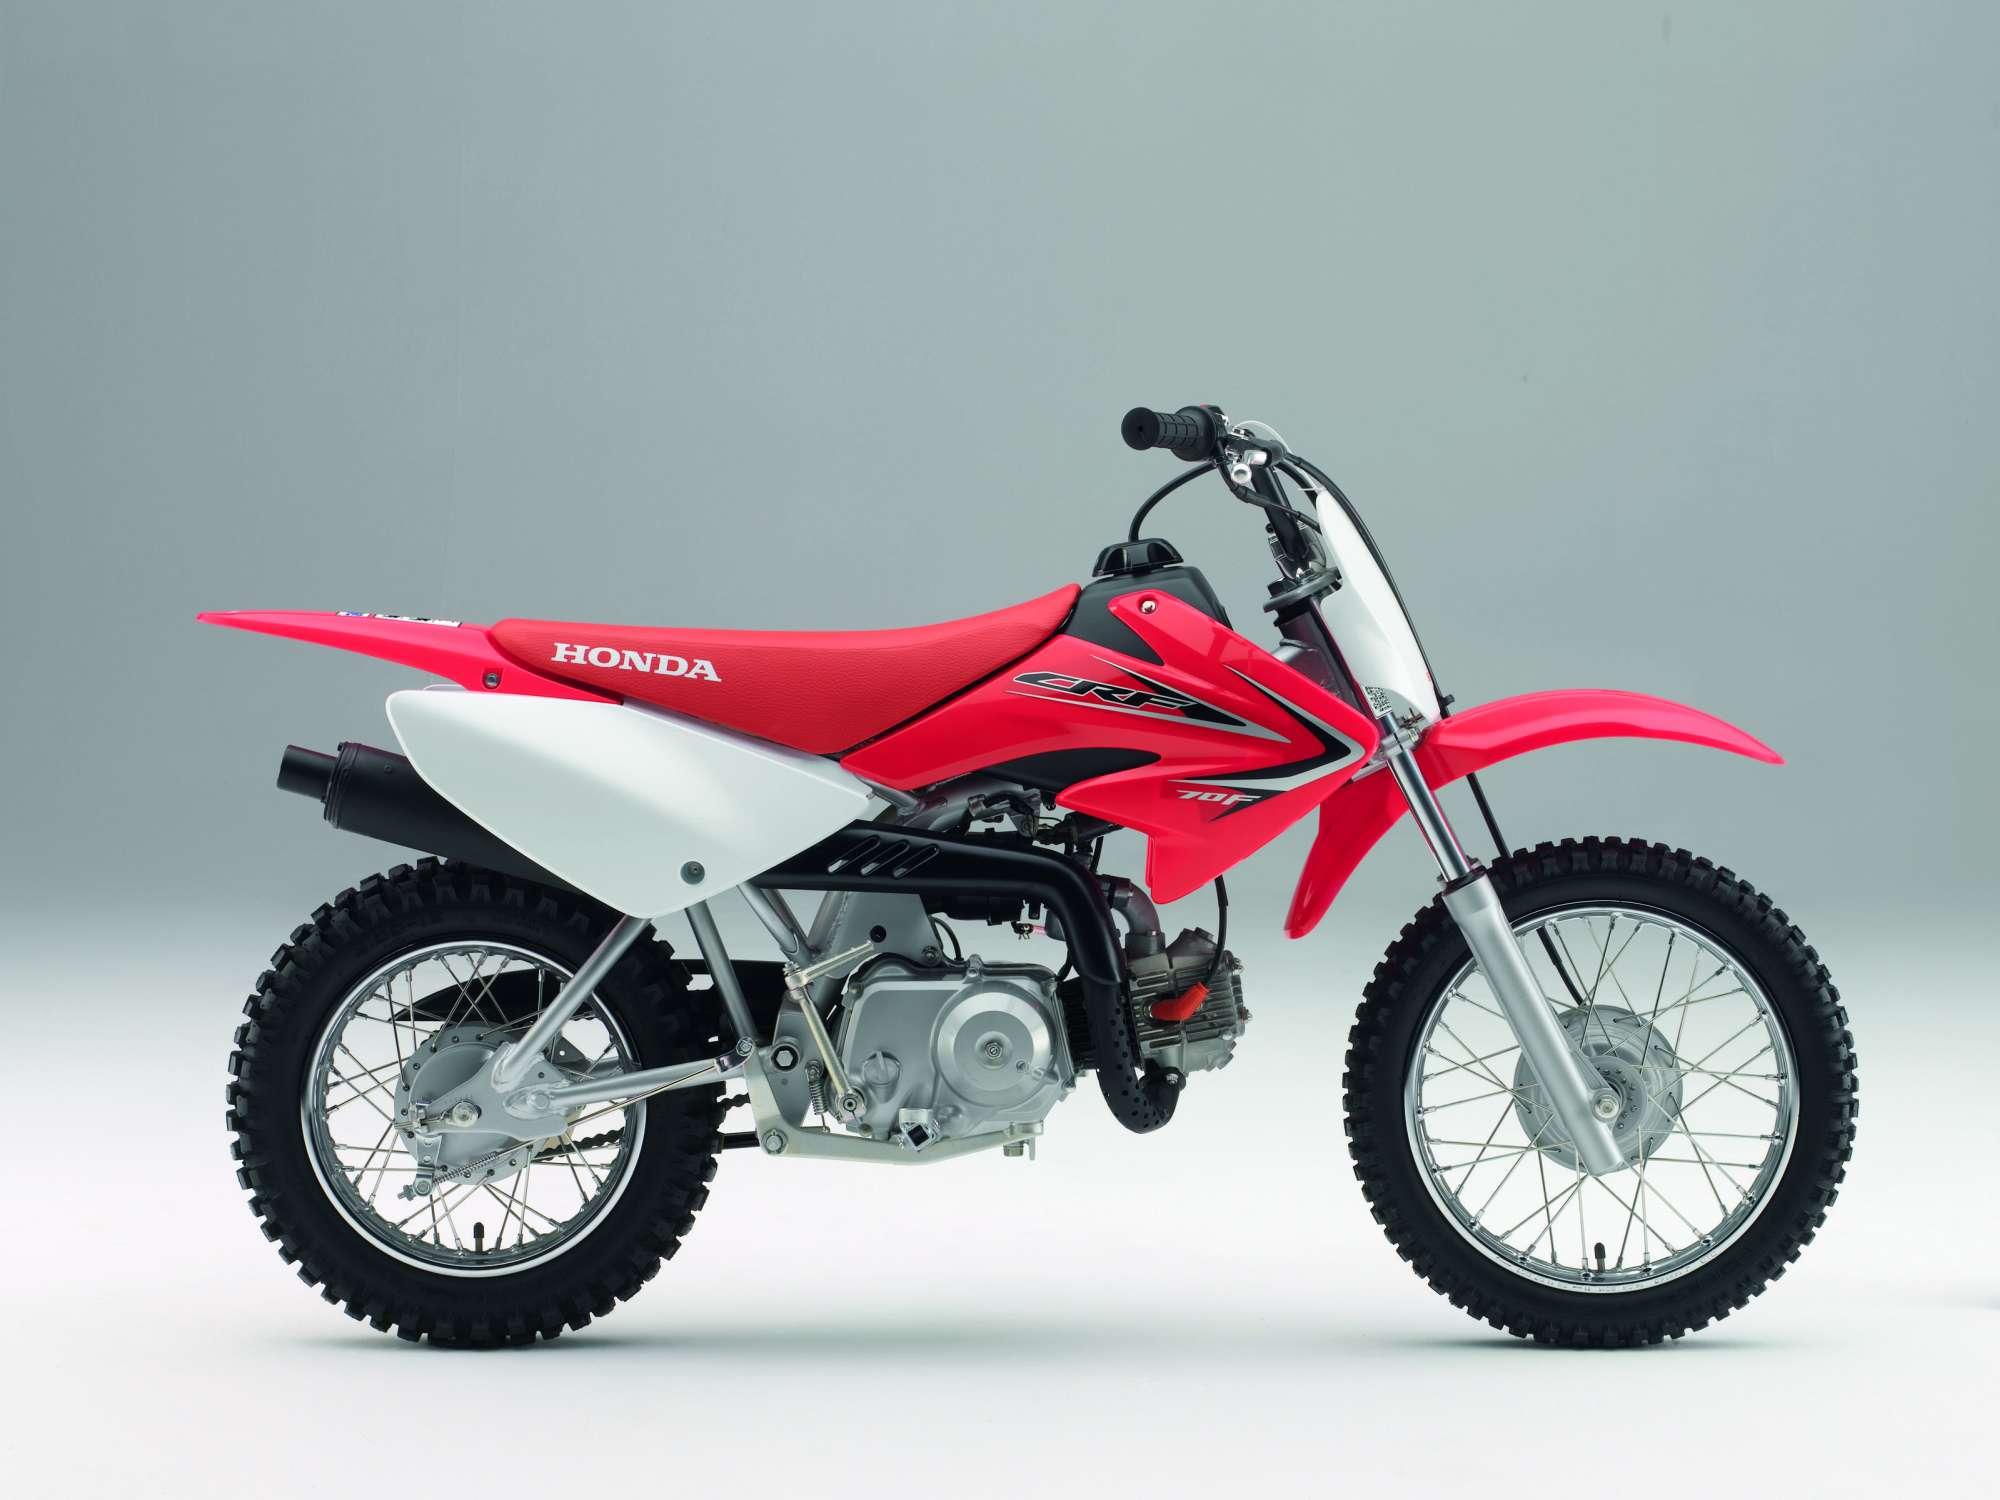 Gebrauchte und neue honda crf 70 f motorr der kaufen for Honda crf 70 specs